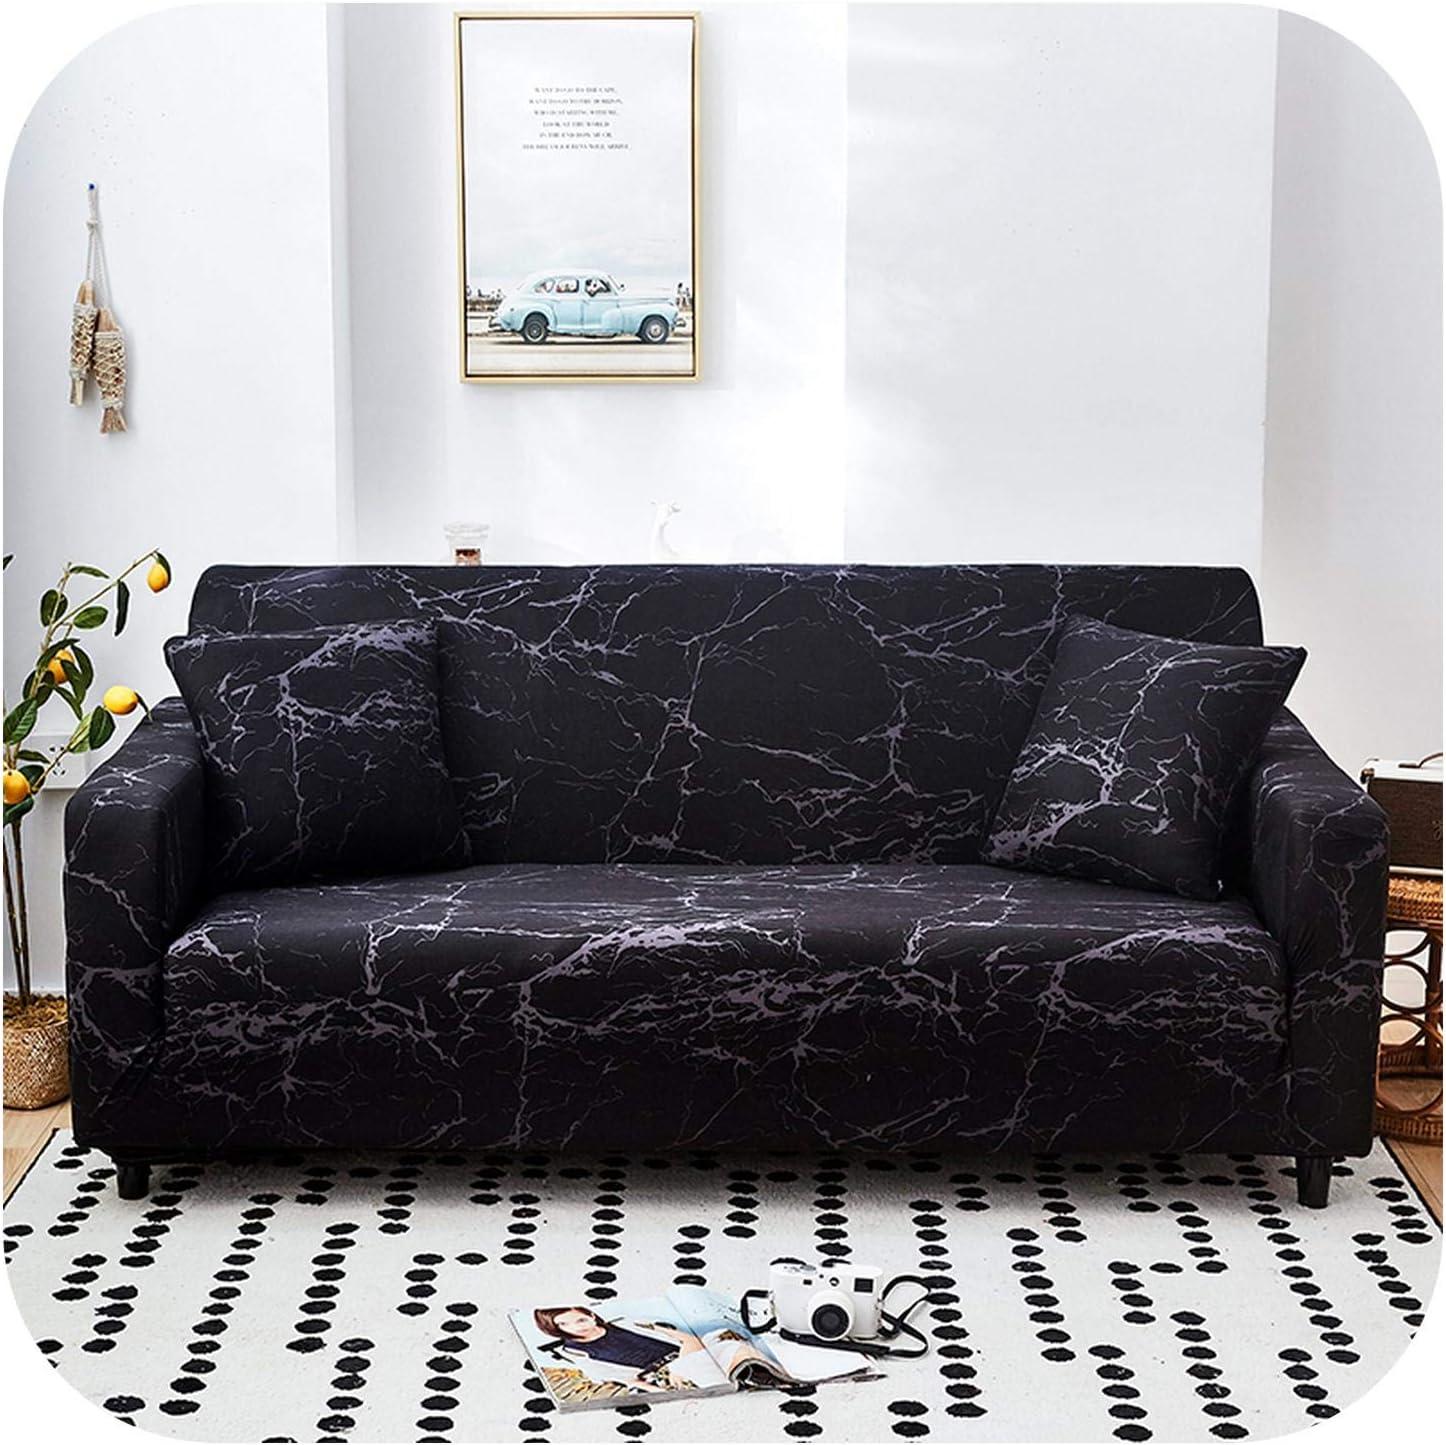 FAT SHEEP Limited price sale Pmxxy San Antonio Mall Elastic All-Inclusive Cover Slipcover Sofa